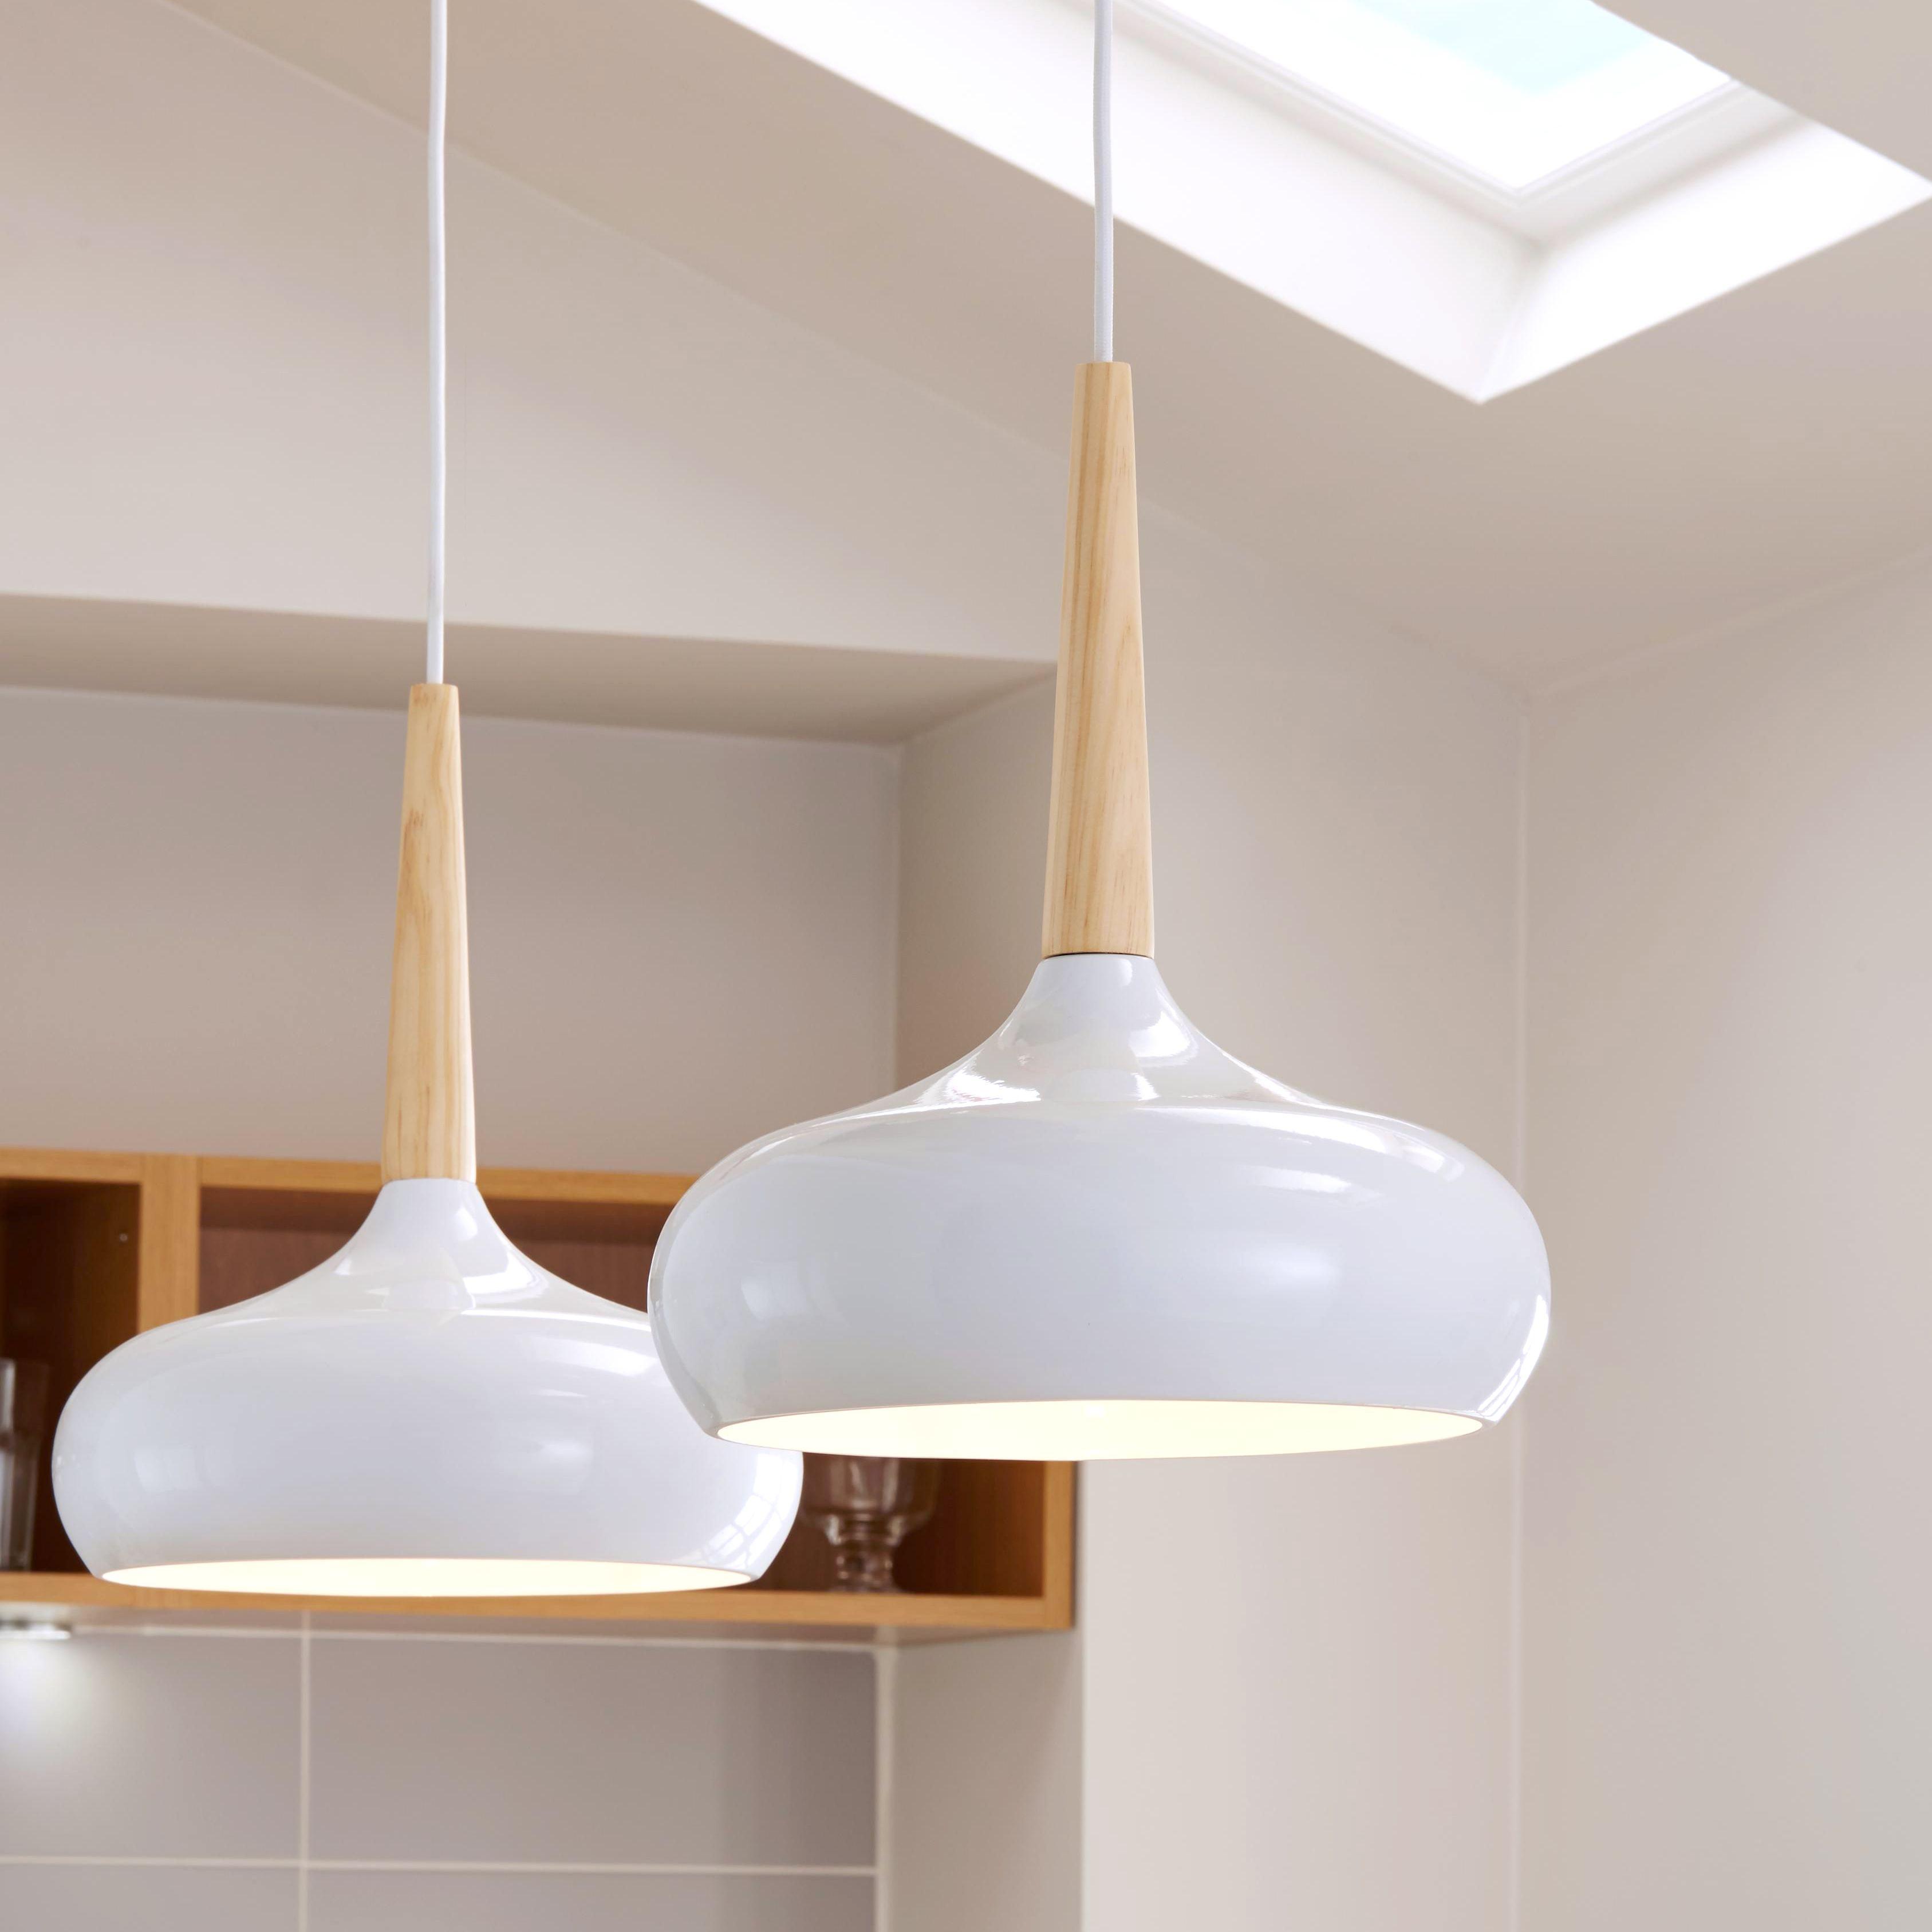 Kitchens | Kitchen Worktops & Cabinets | DIY at B&Q